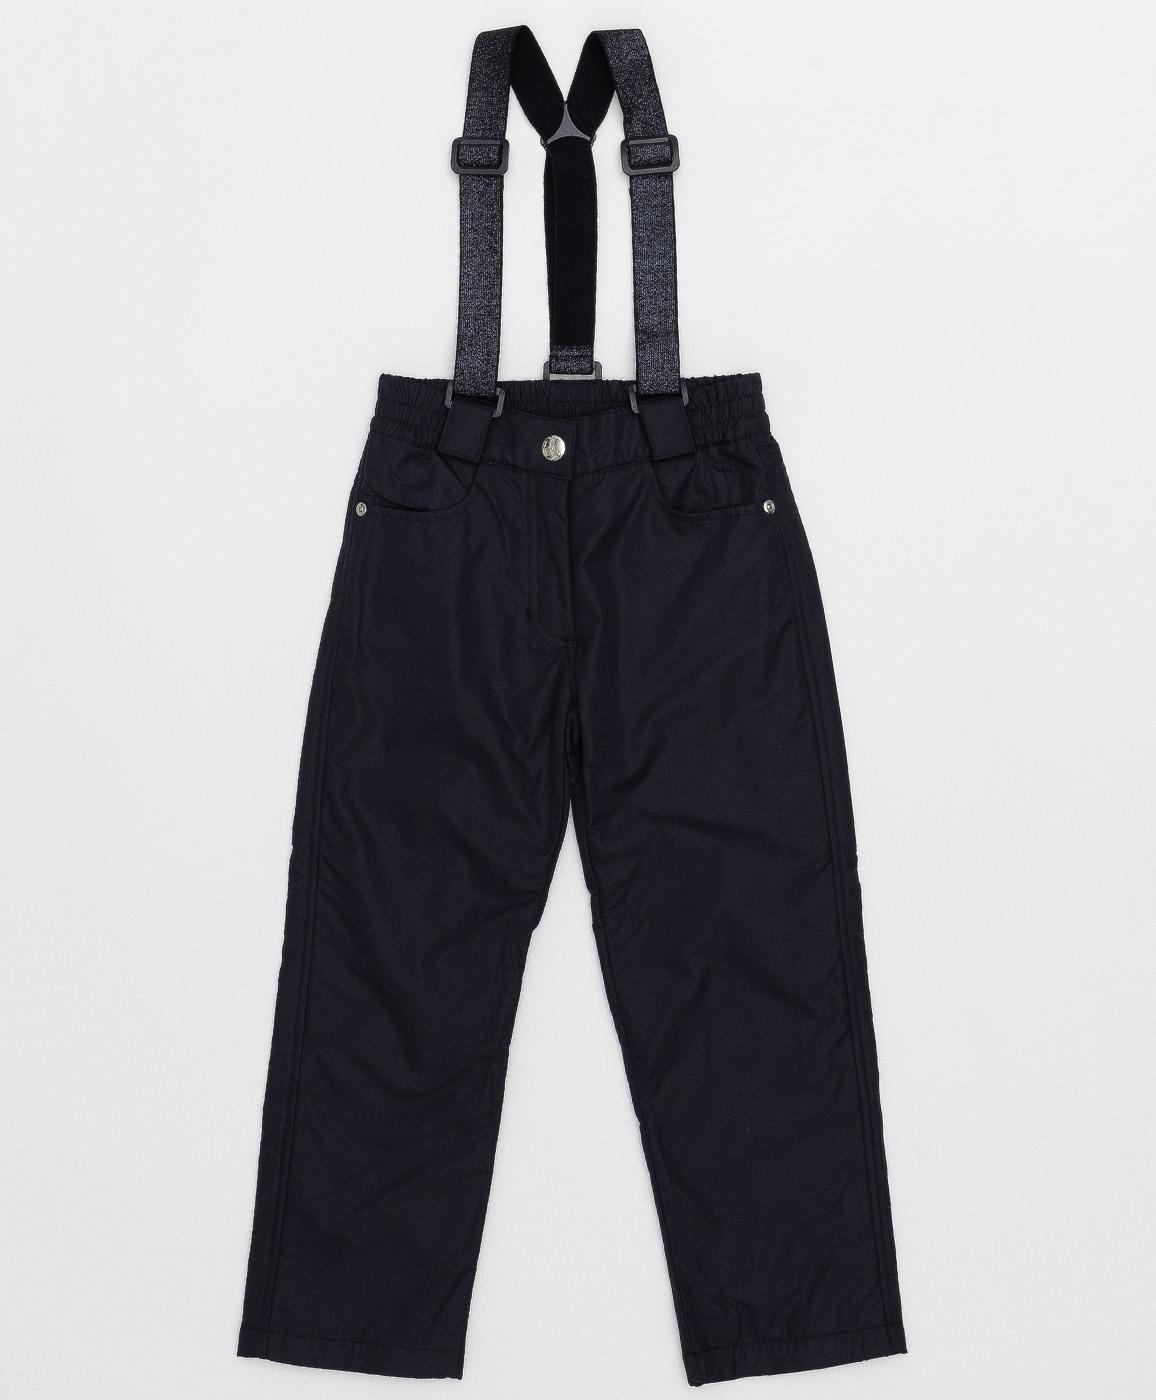 Купить 220BBGMC64021000, Утепленные синие брюки Button Blue, синий, 122, Полиэстер, Женский, Демисезон, ОСЕНЬ/ЗИМА 2020-2021 (shop: GulliverMarket Gulliver Market)